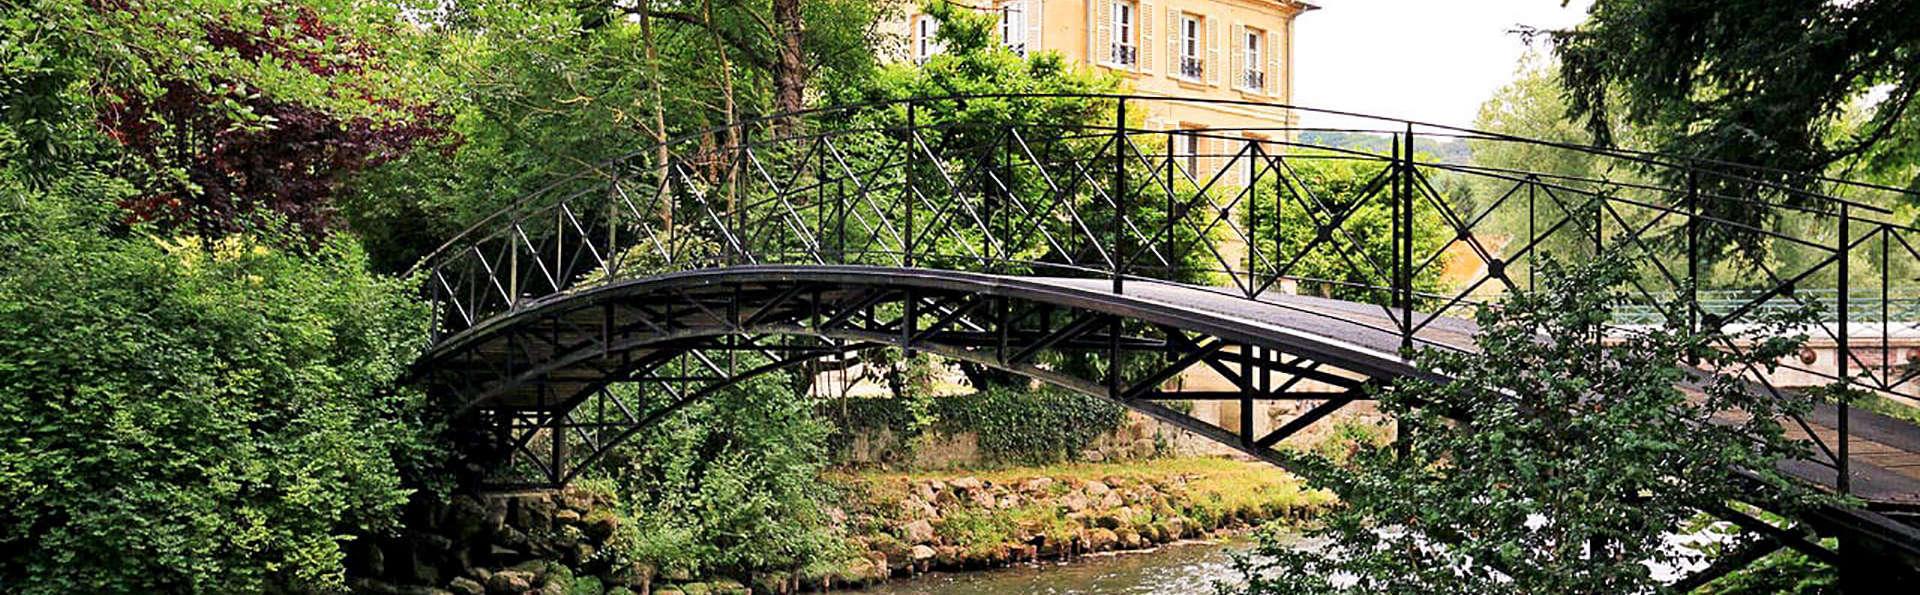 Les Jardins d'Épicure - EDIT_NEW_Destination.jpg